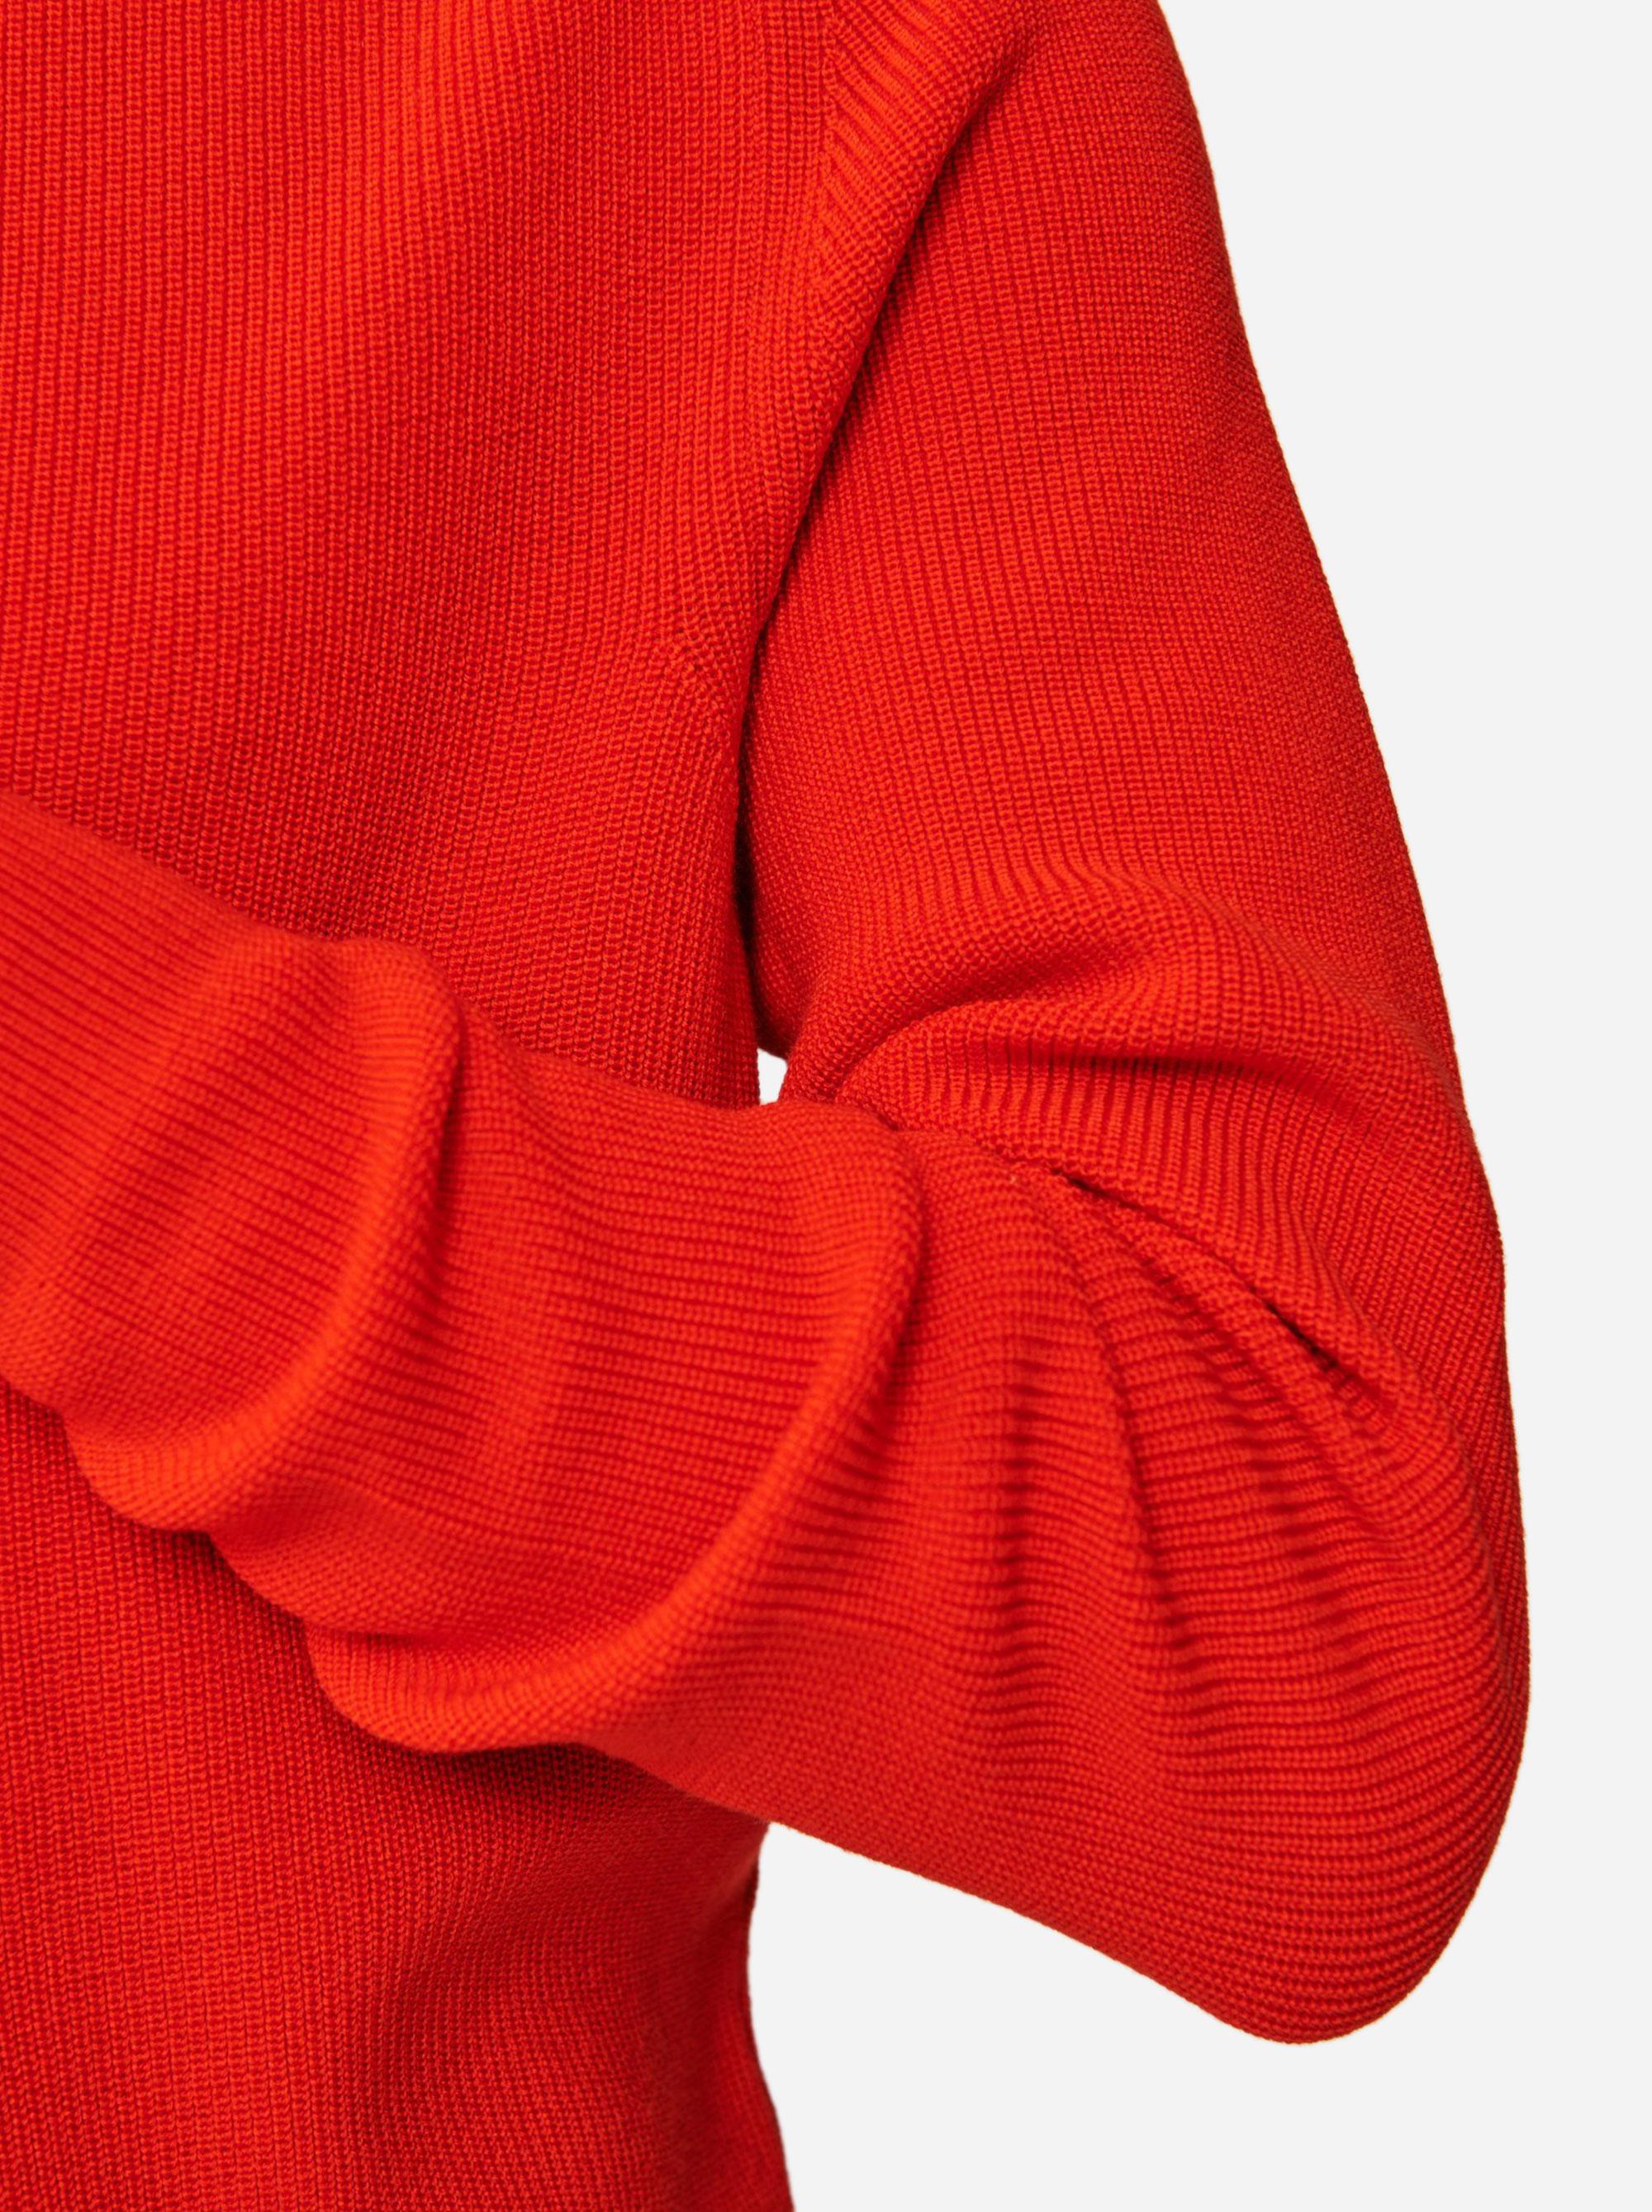 Teym - The Merino Sweater - Men - Red - 4